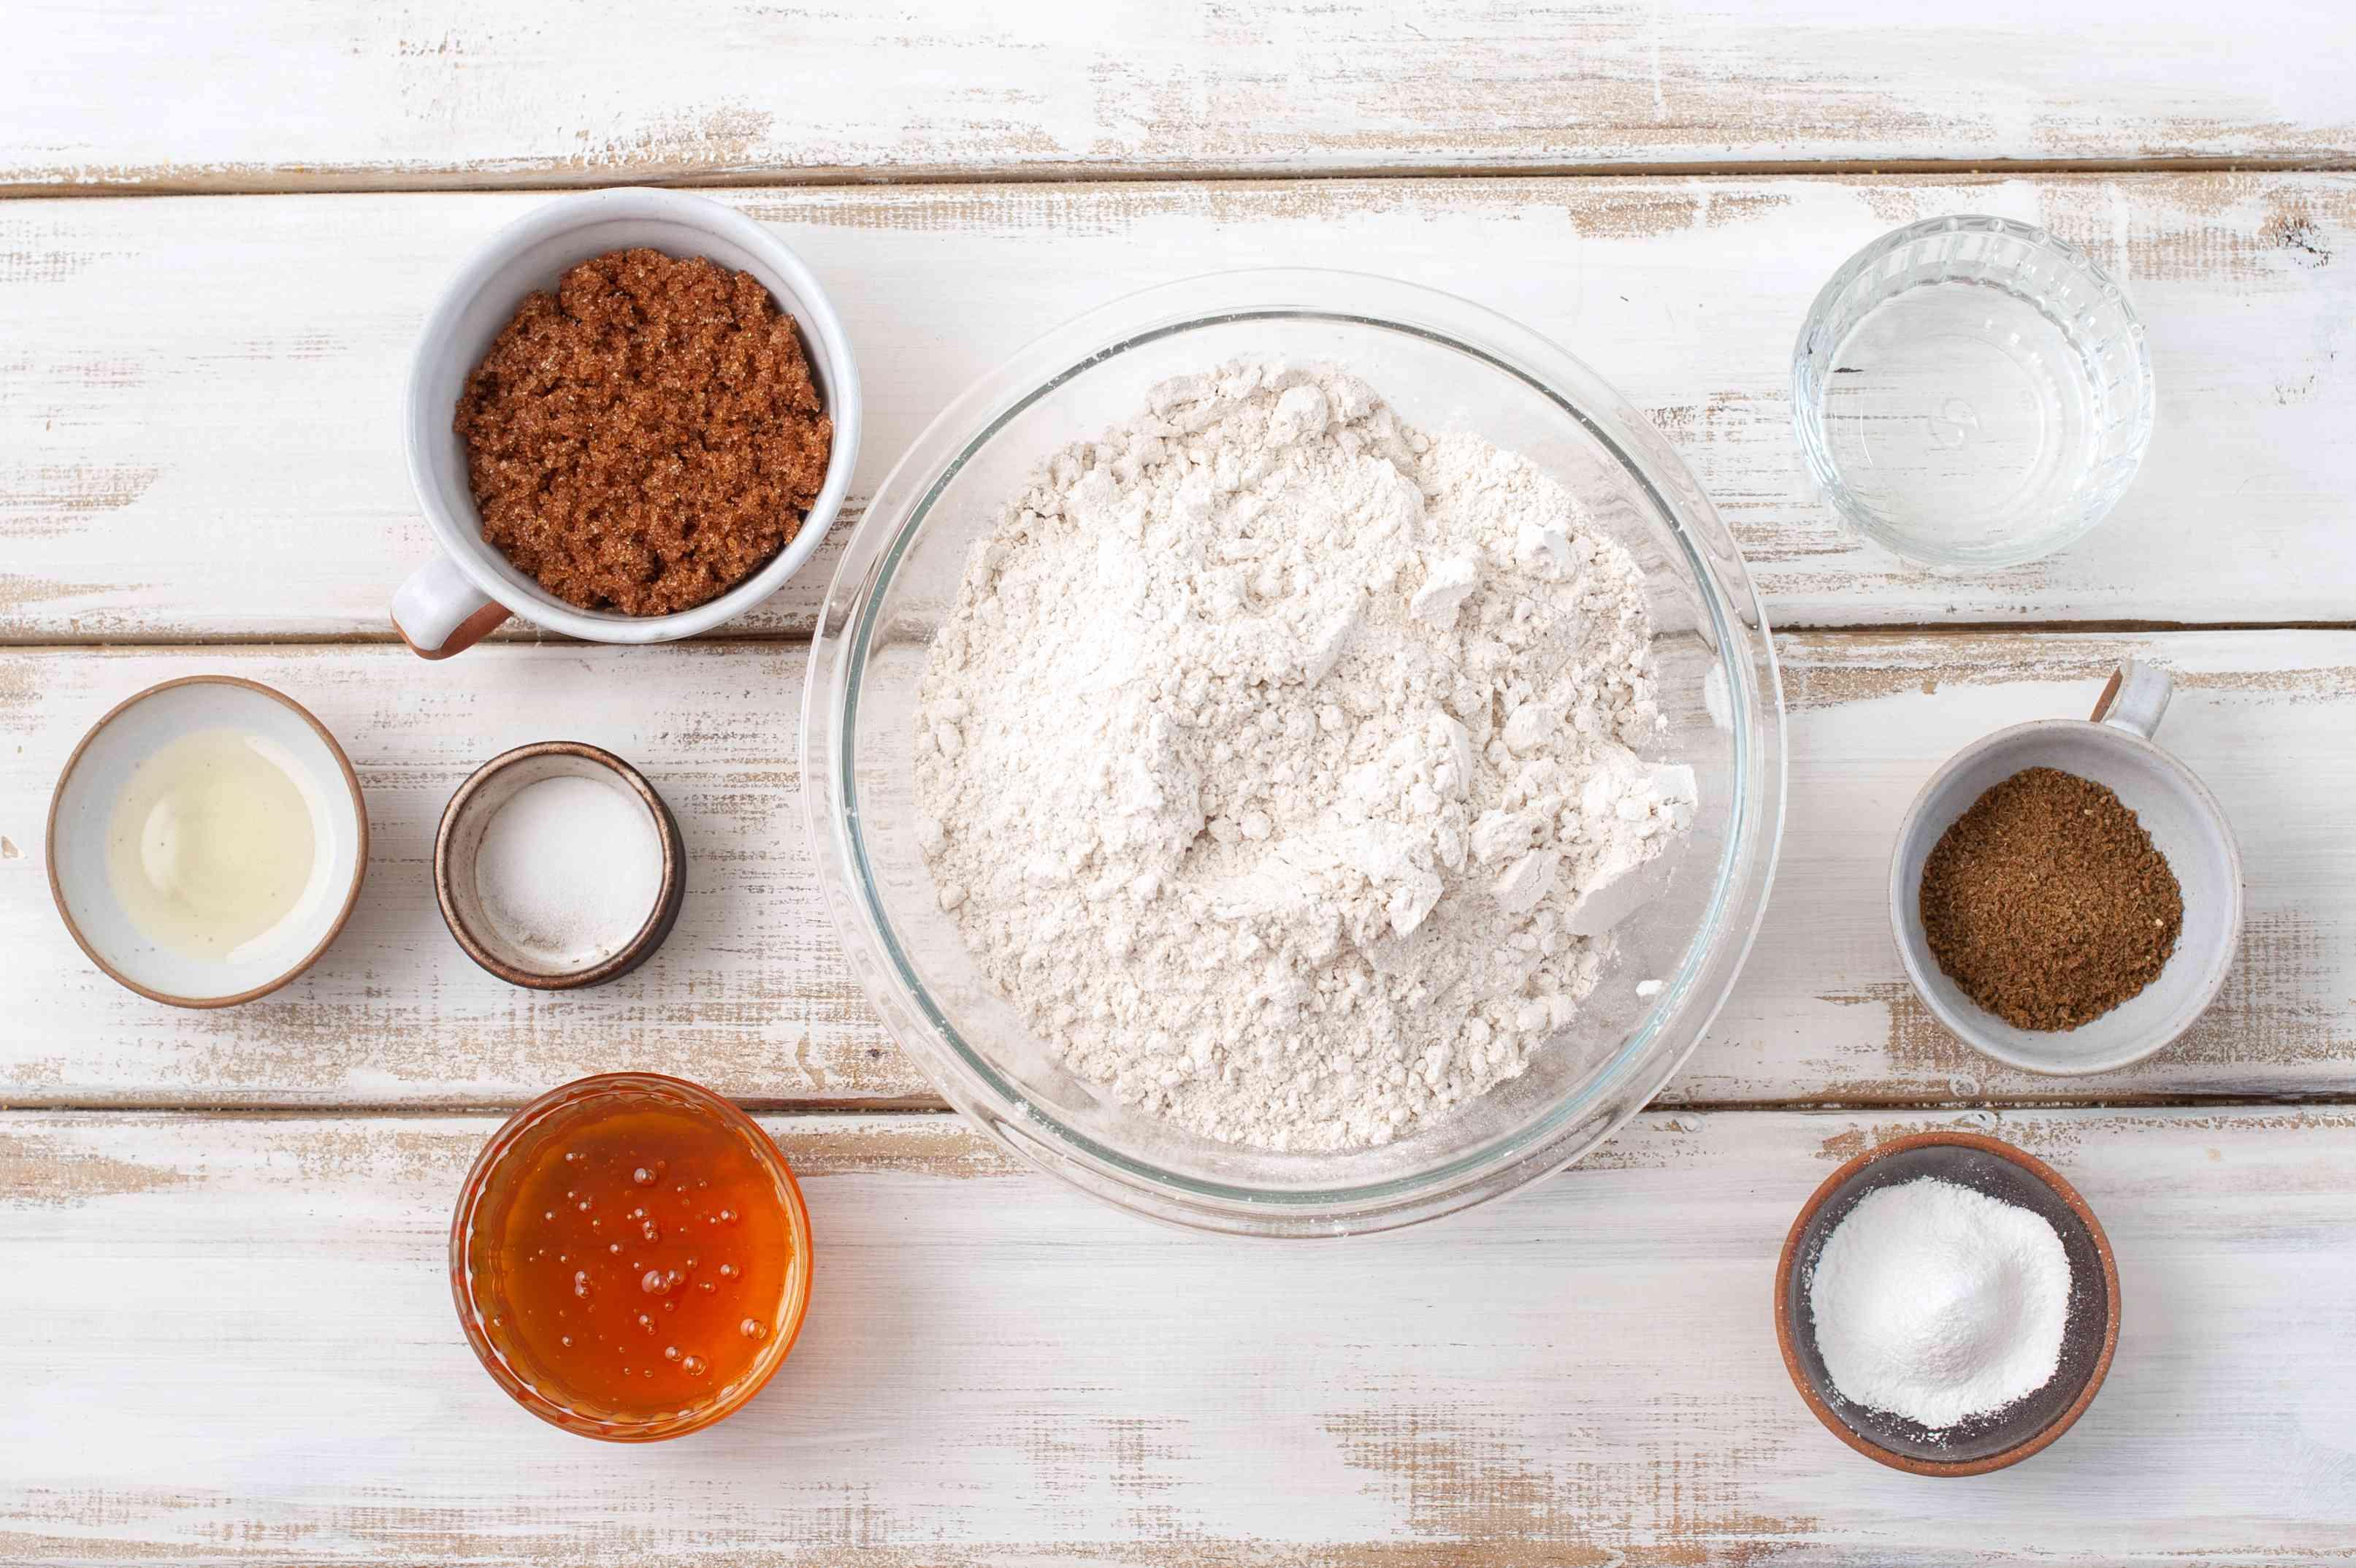 Ingredients for pepernoten